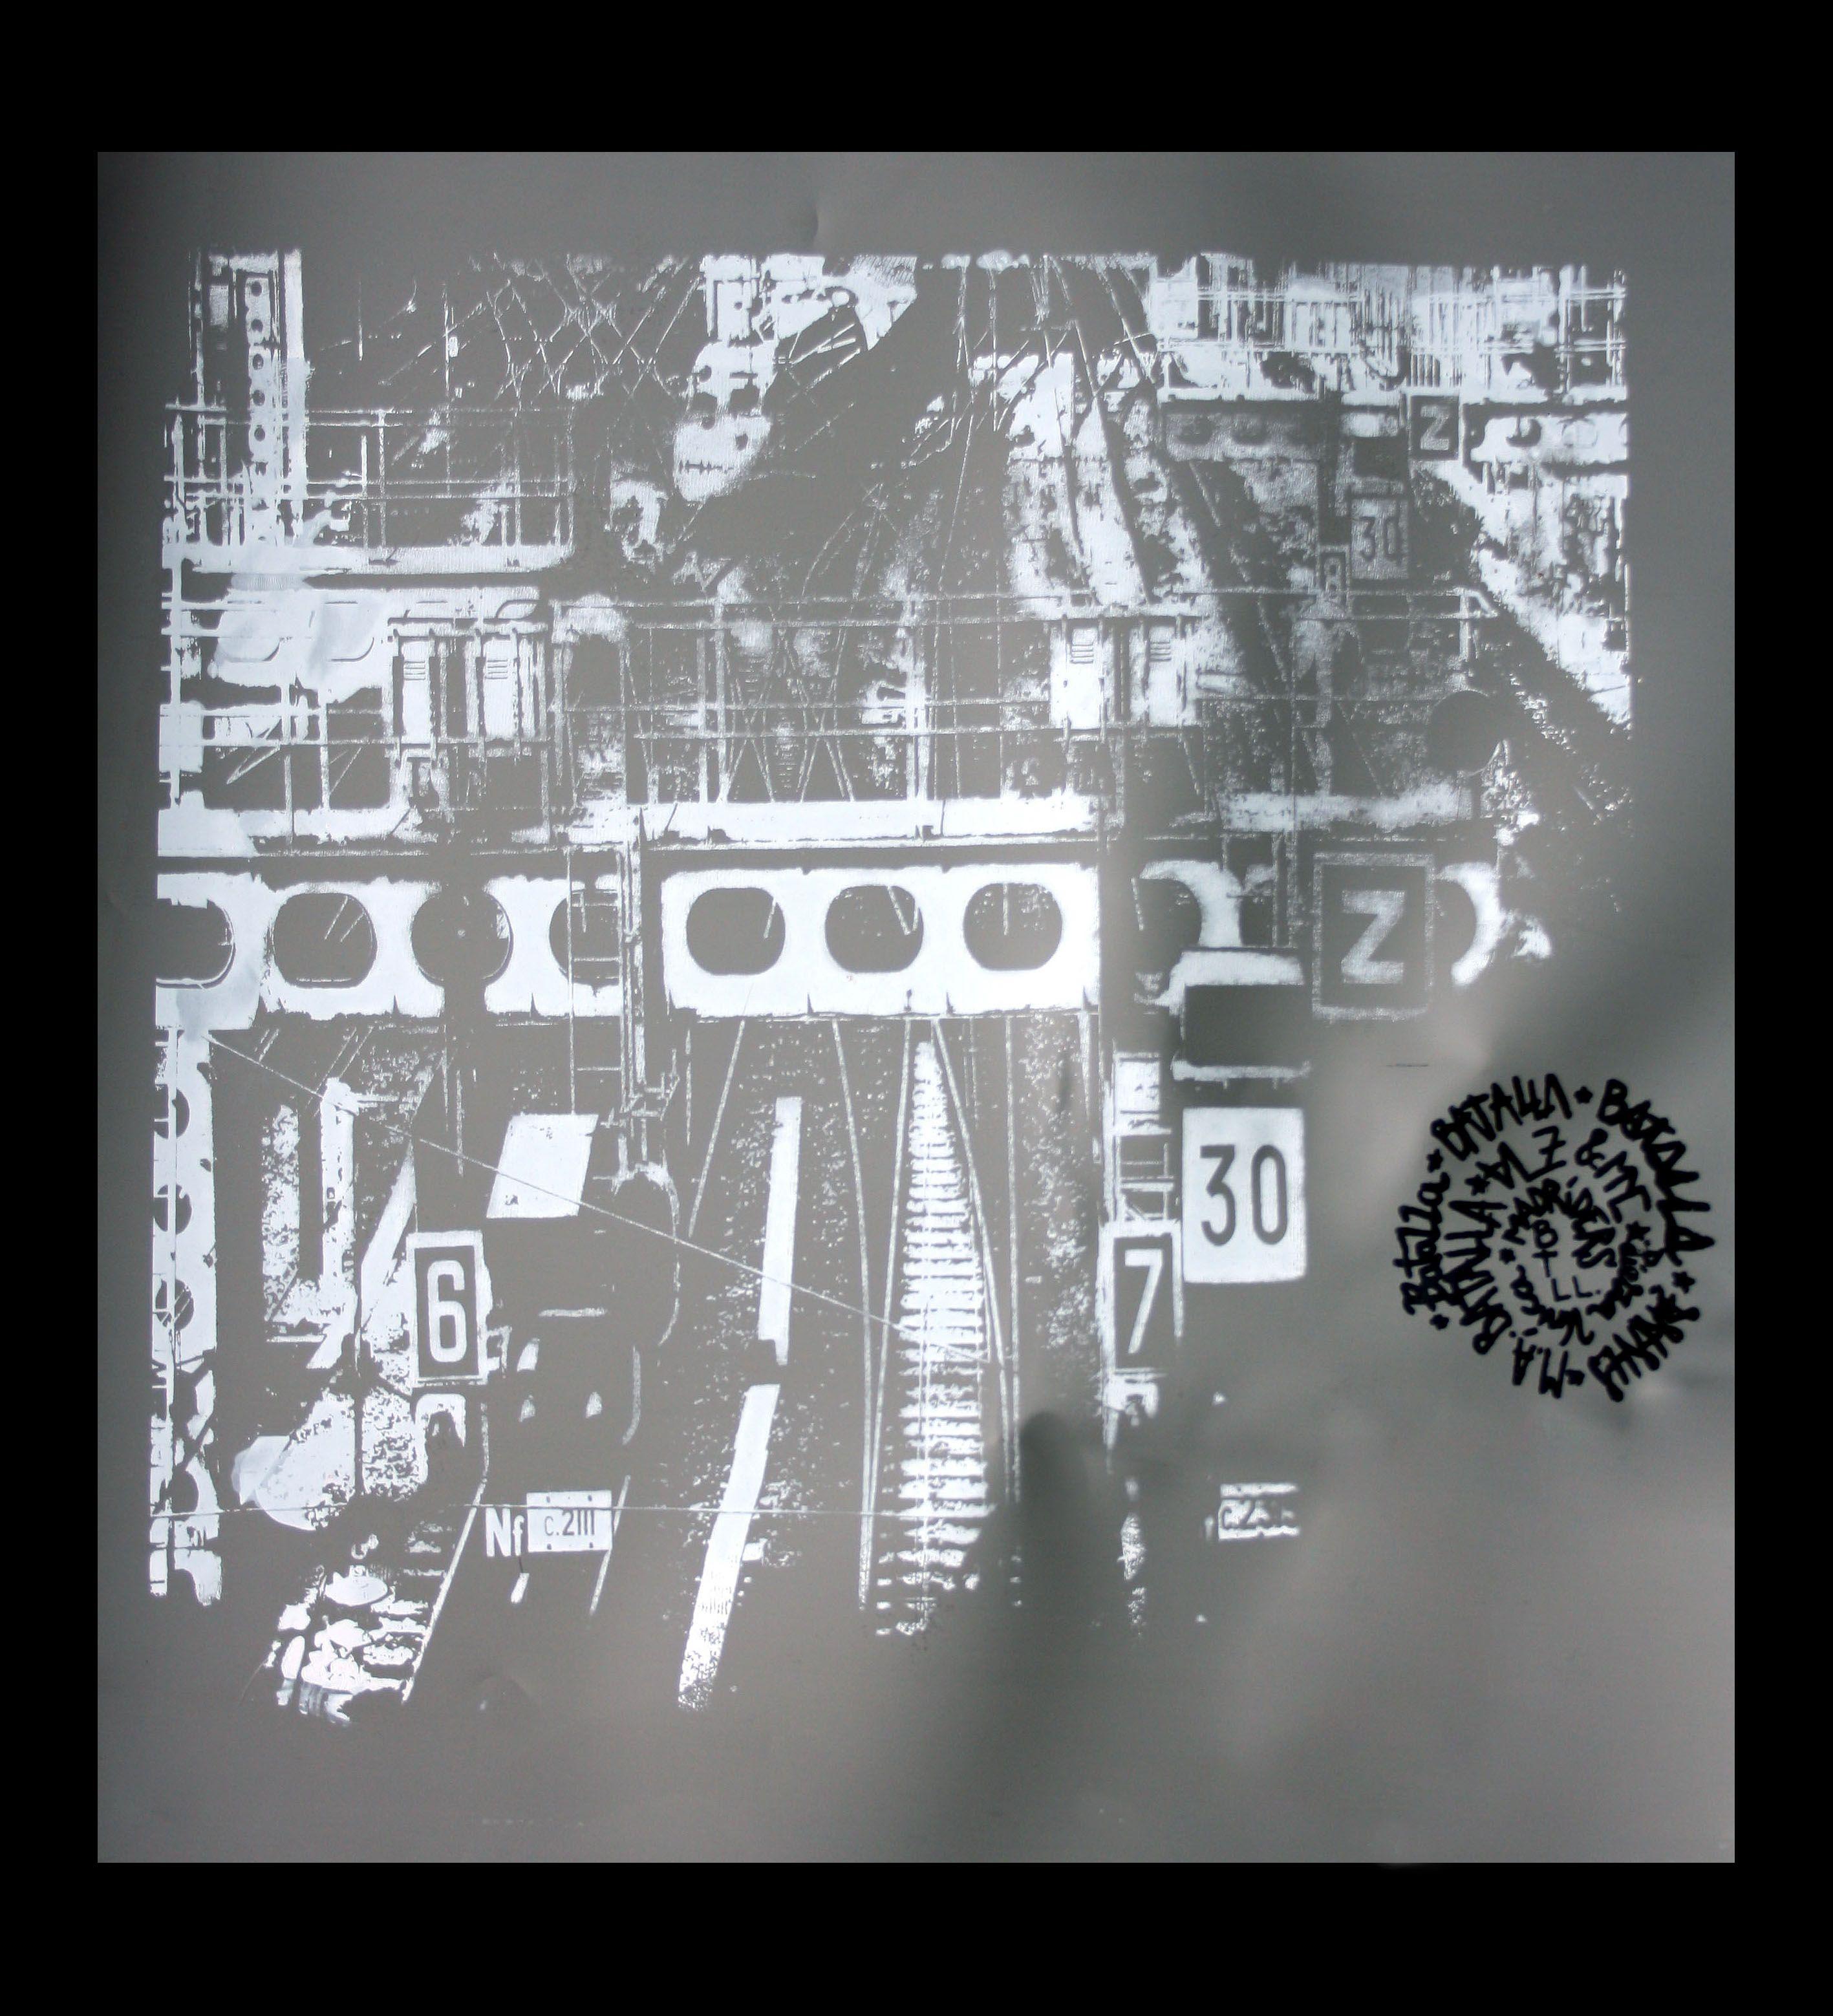 GARE DU NORD II Serigrafia en dos colores sobre papel plastico reutilizado (Batalla) 40x40 pieza unica